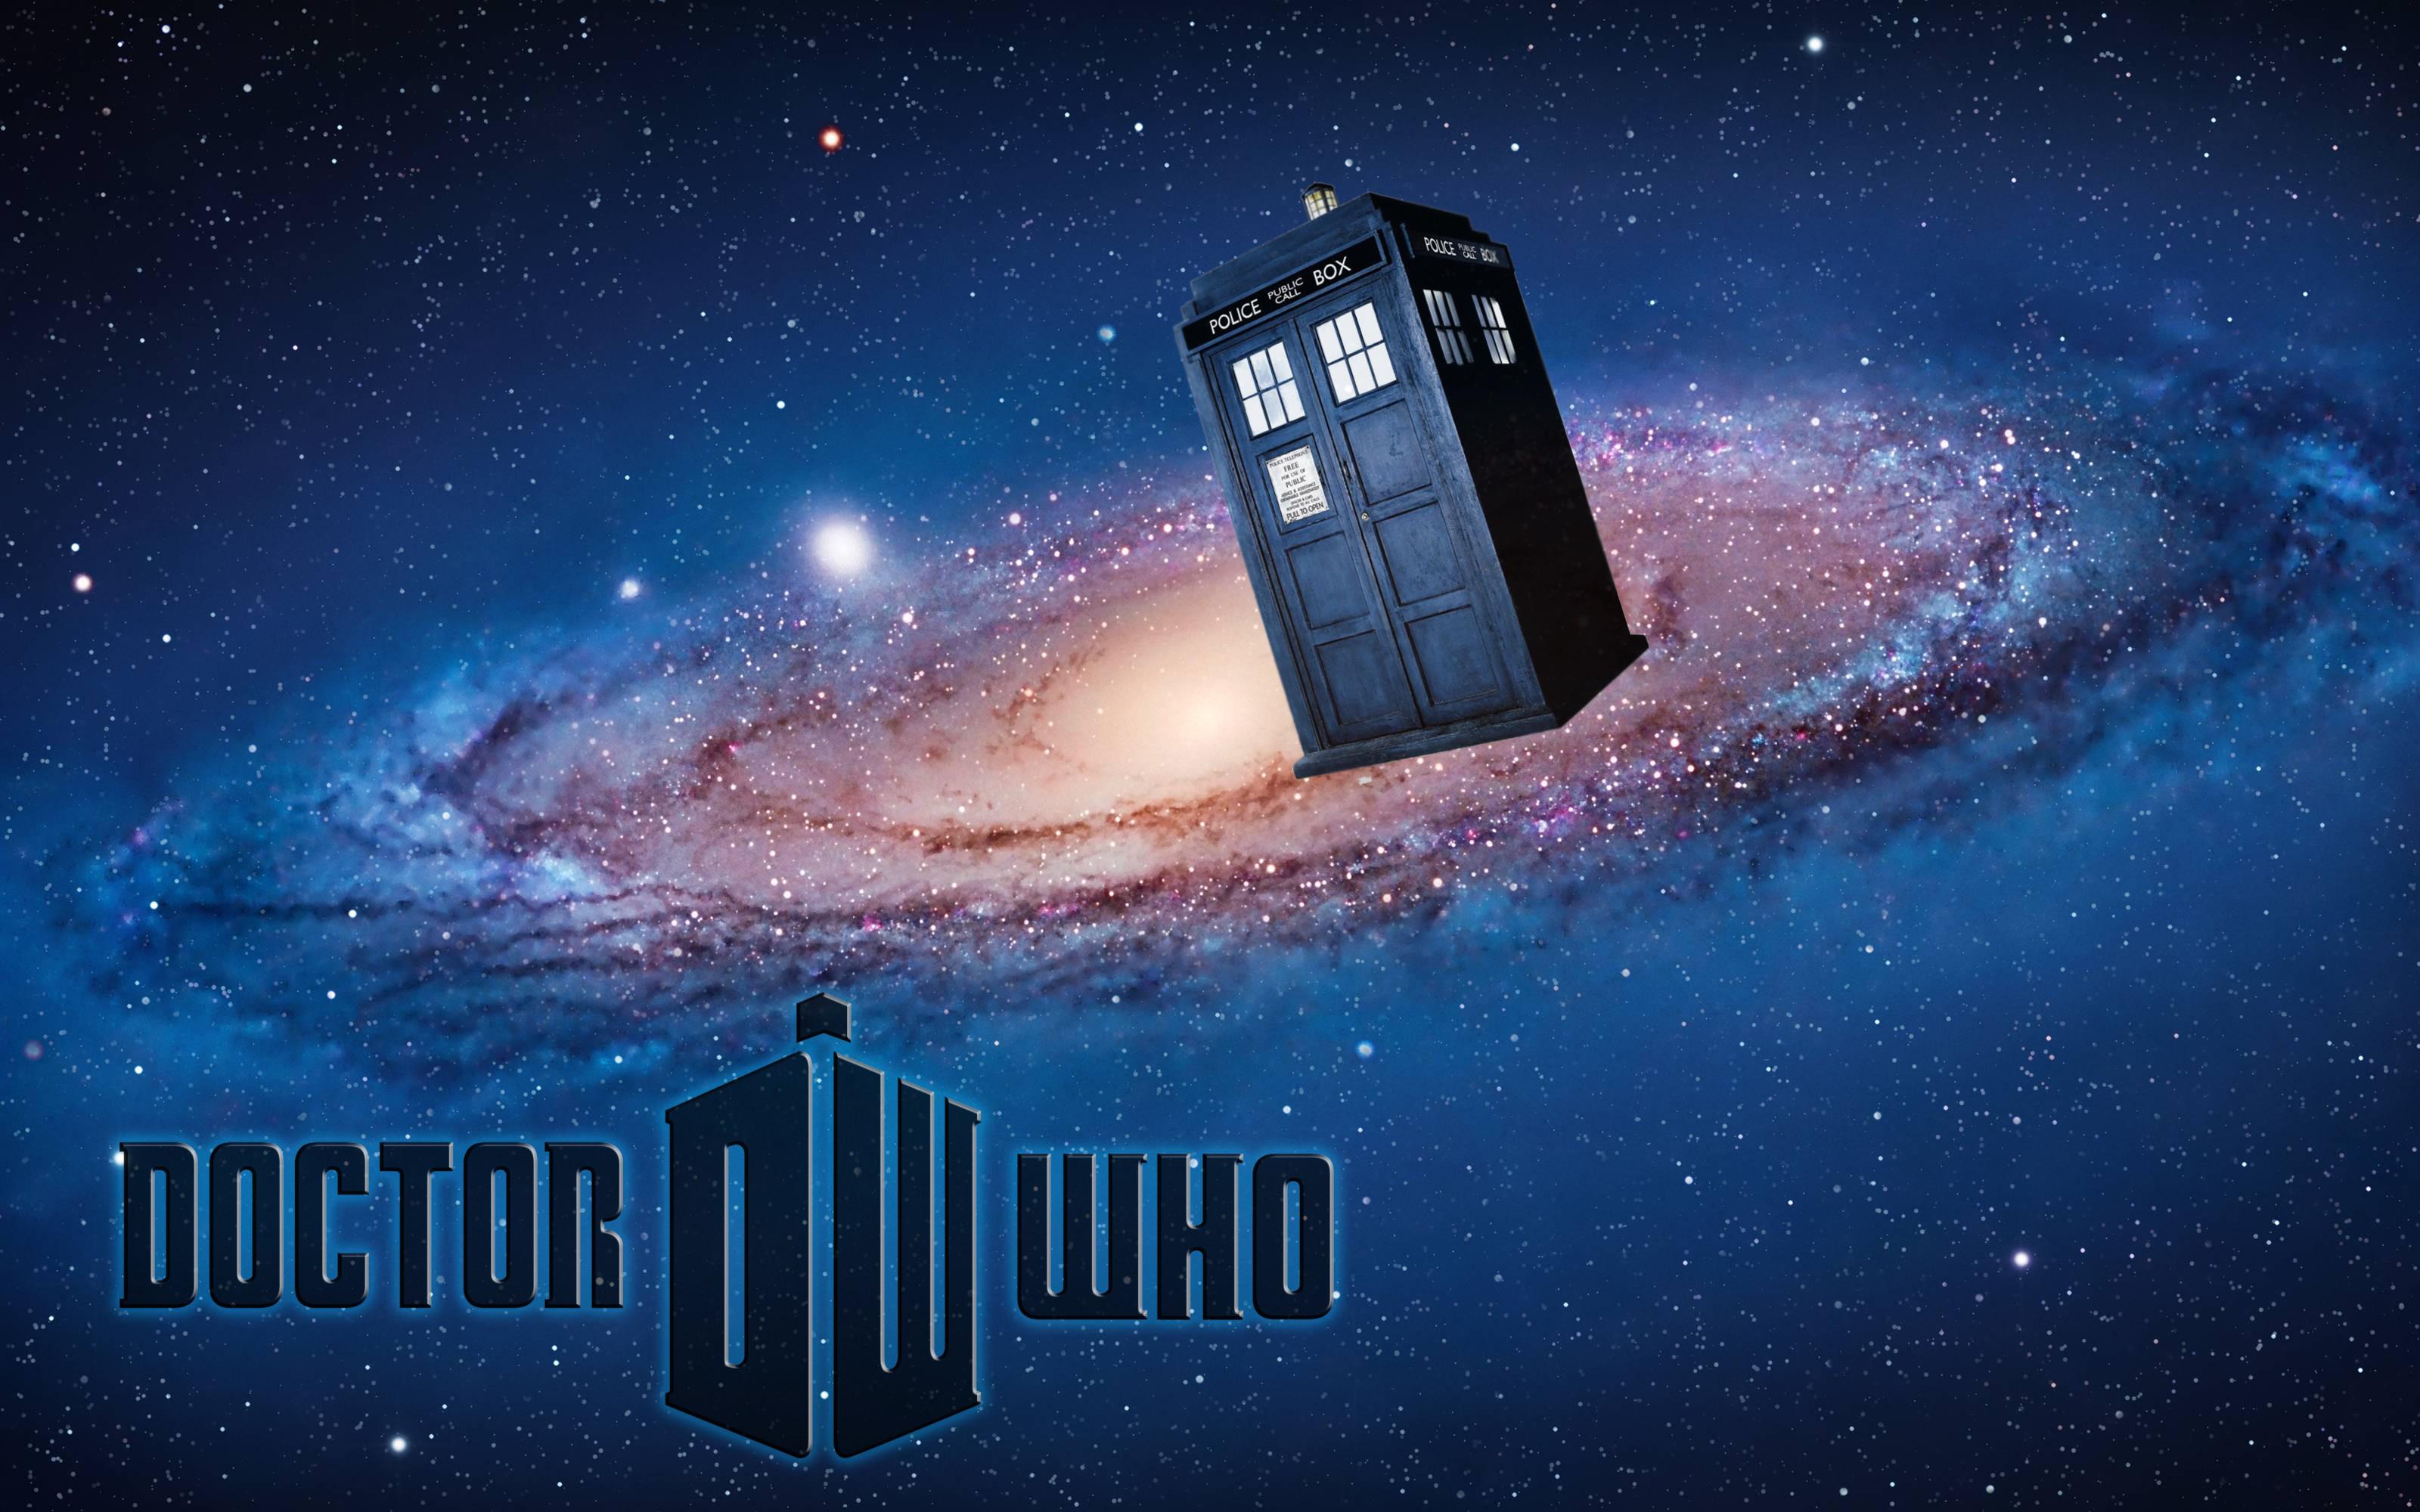 Tardis Wallpaper 2013 Doctor who tardis wallpaper